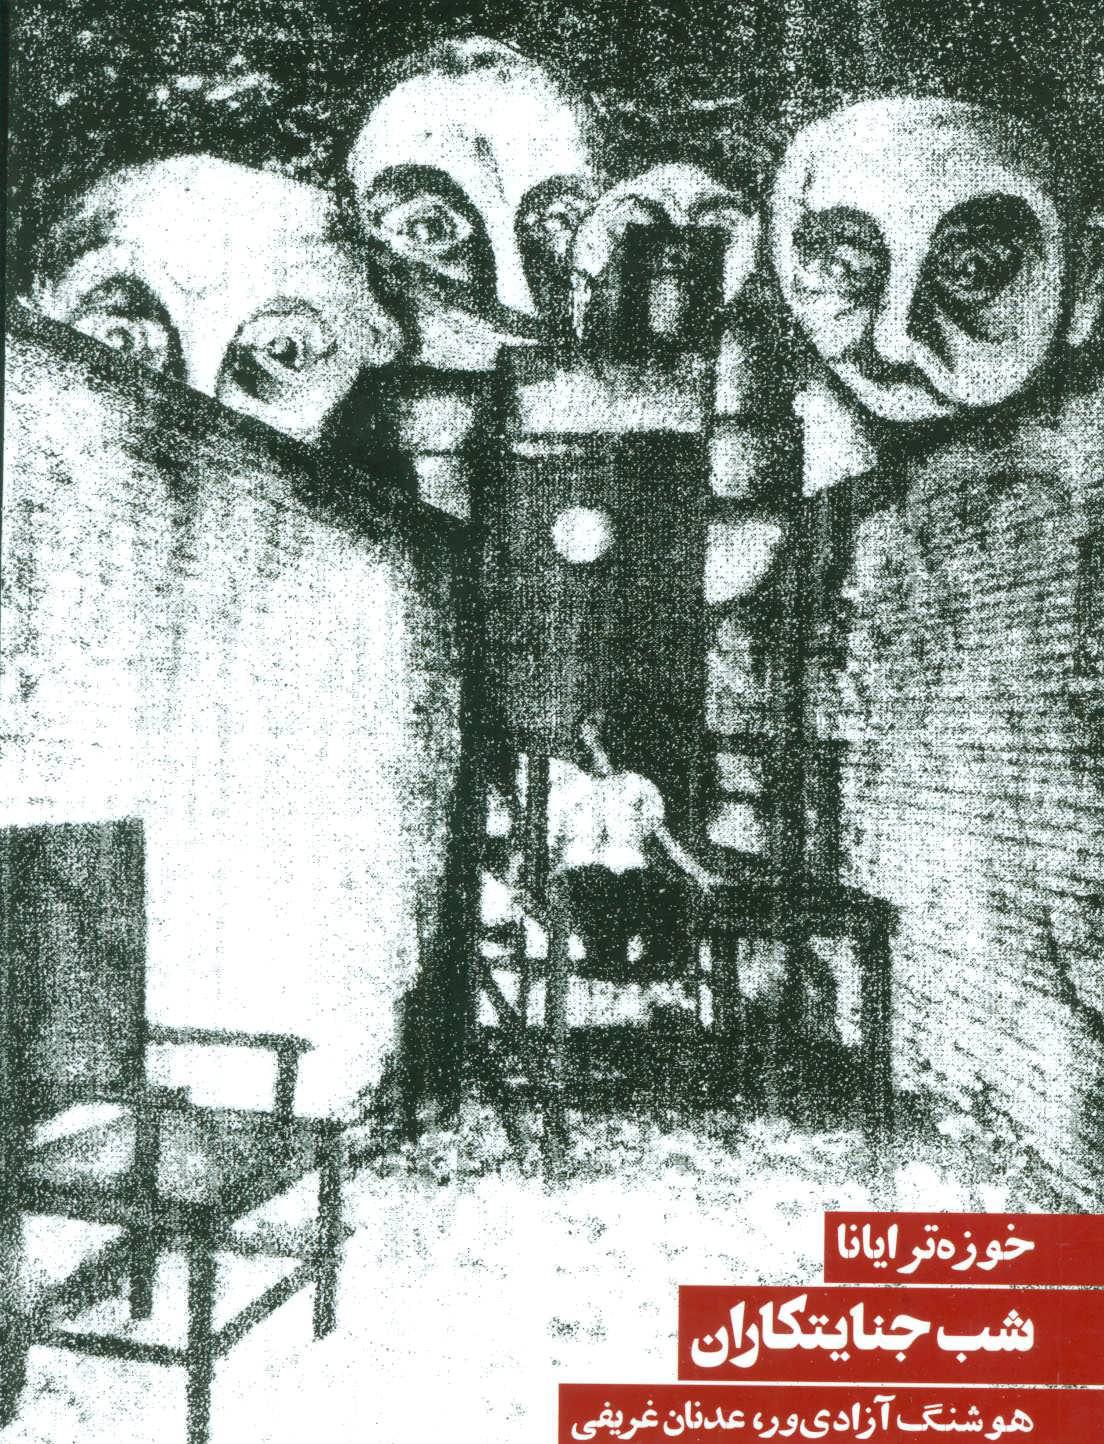 کتاب شب جنایتکاران